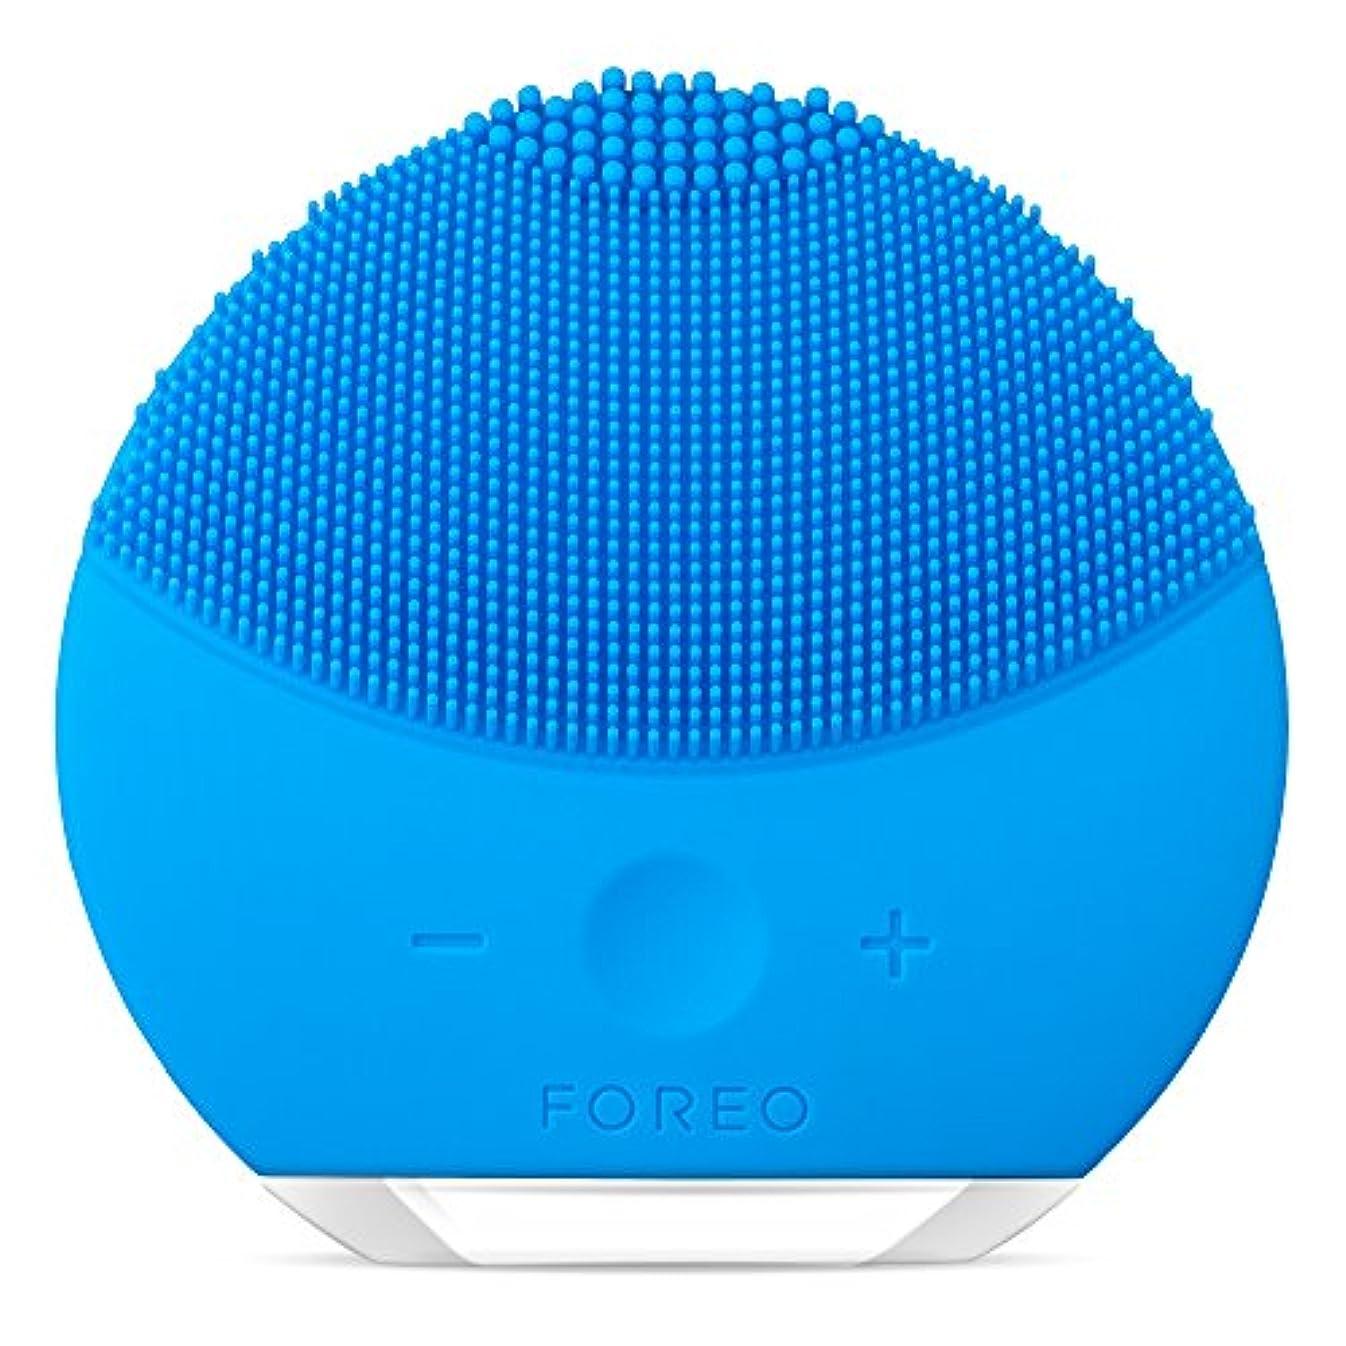 ウミウシ海里くるくるFOREO LUNA mini 2 アクアマリン 電動洗顔ブラシ シリコーン製 音波振動